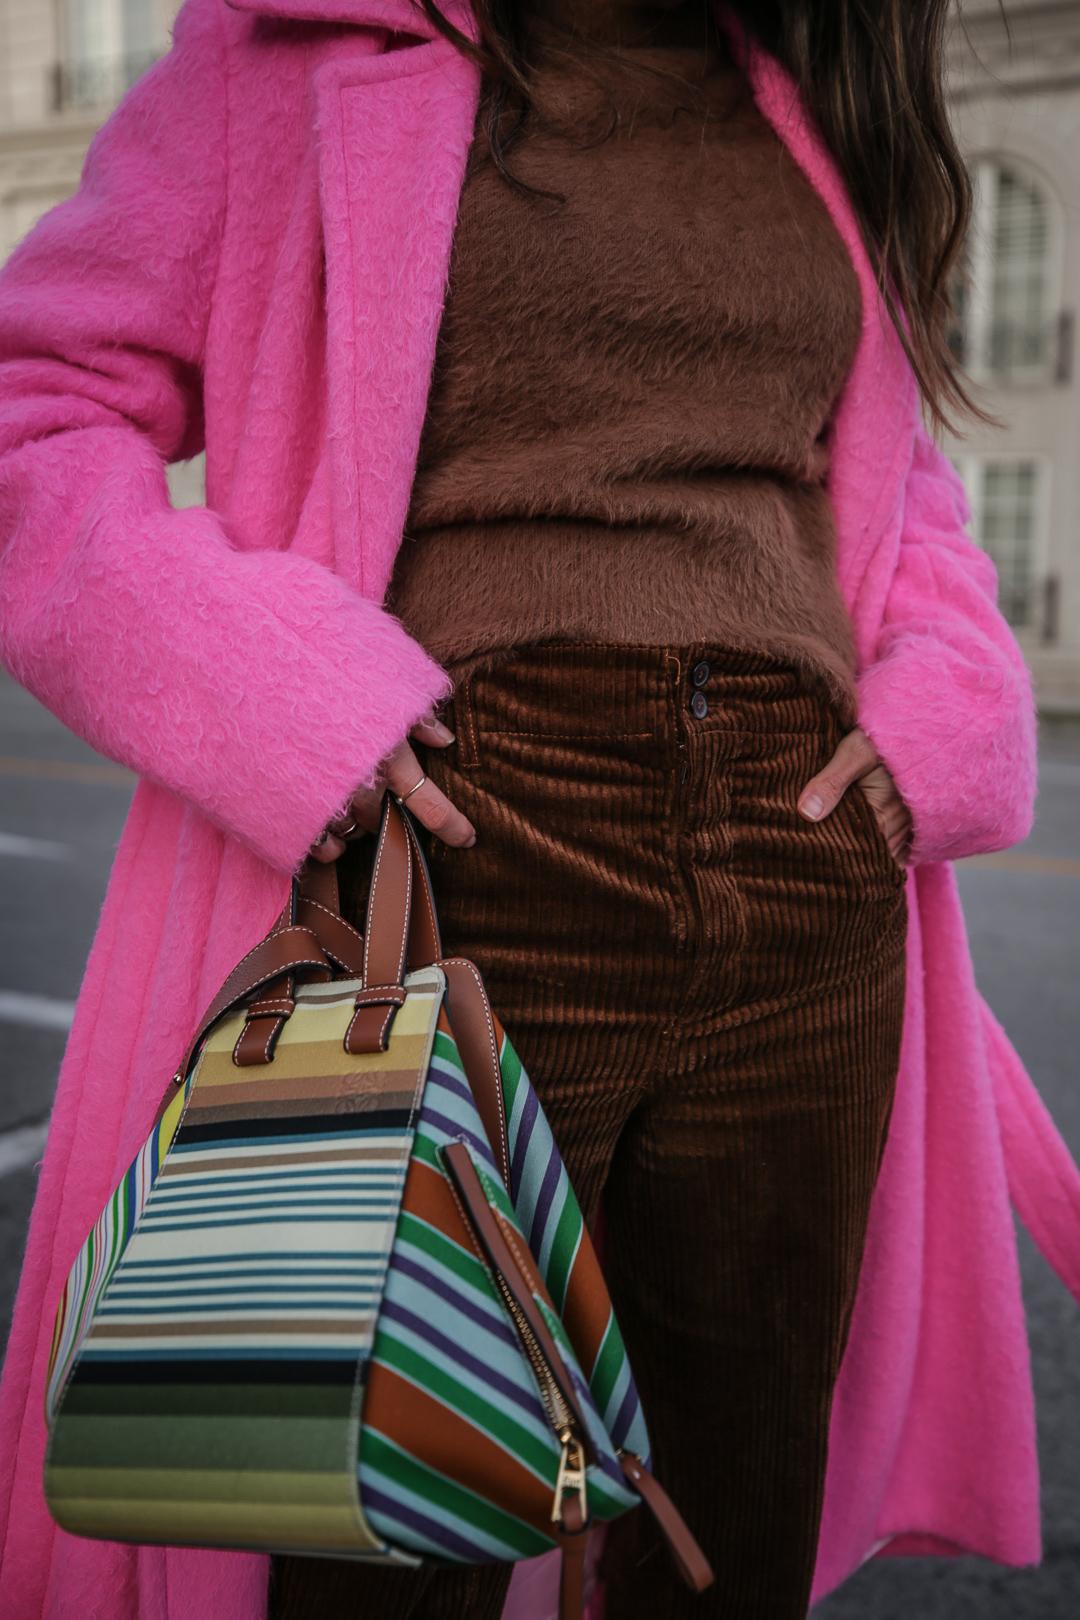 Nathalie Martin wearing Helmut Lang pink belt tie wool coat, brown corduroy pants, Zara brown textured sweater, Prada brown suede mules, Loewe striped Hammock bag, Bonlook Class sunglasses, street style, woahstyle.com_5216.jpg